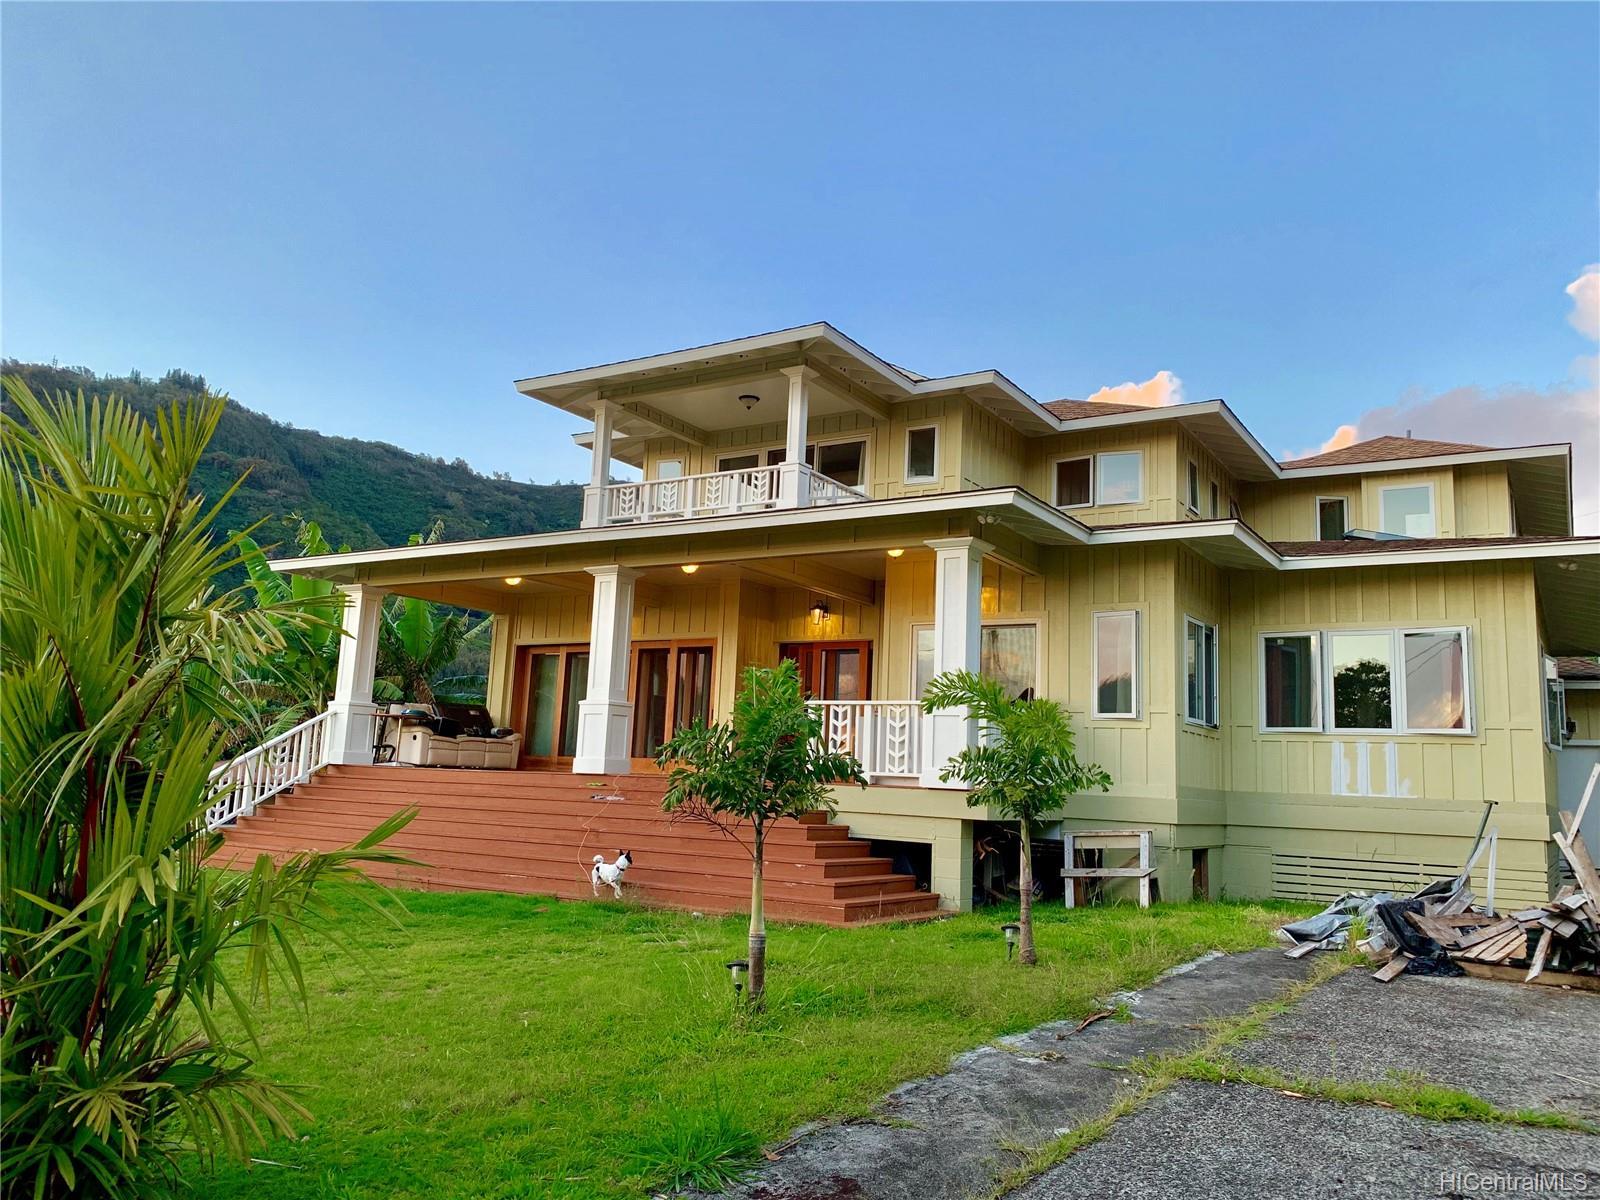 2937 Papali Street Honolulu Hi 96819   Kalihi Valley home 1600x1200